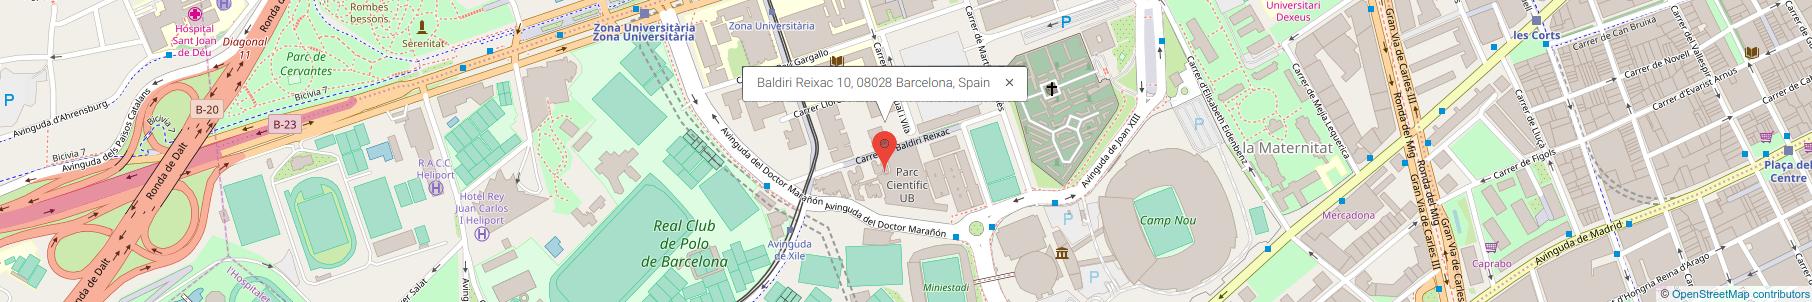 Baldiri Reixac 10, 08020 Barcelona, Spain